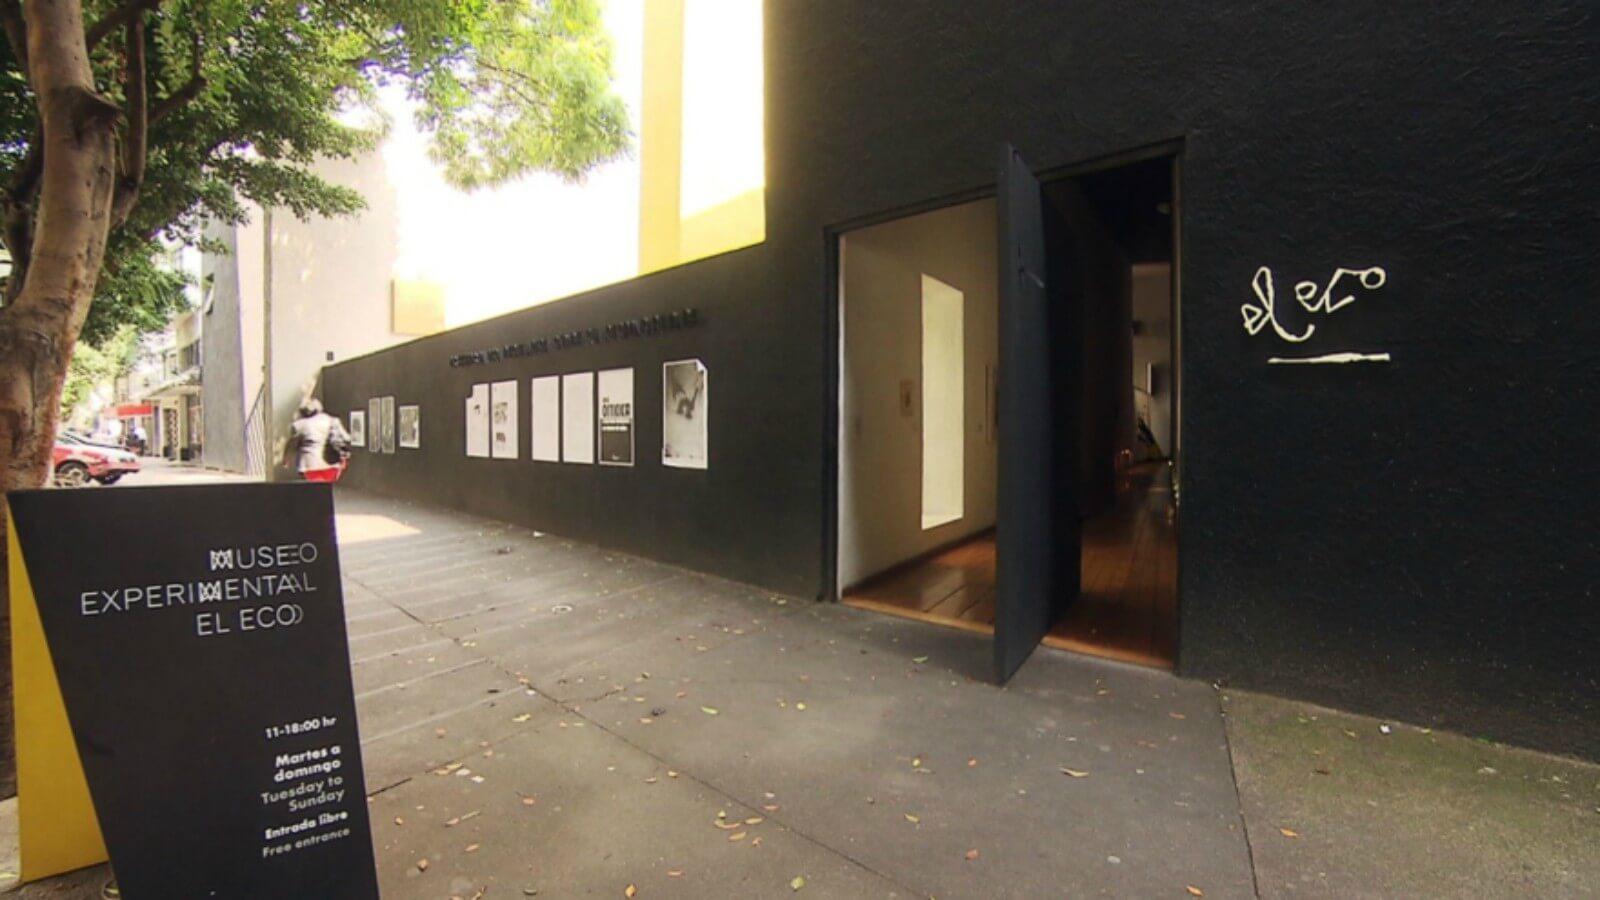 """Les ganó la """"hemoción"""": demandarán a artistas por daños en Museo Experimental El Eco"""